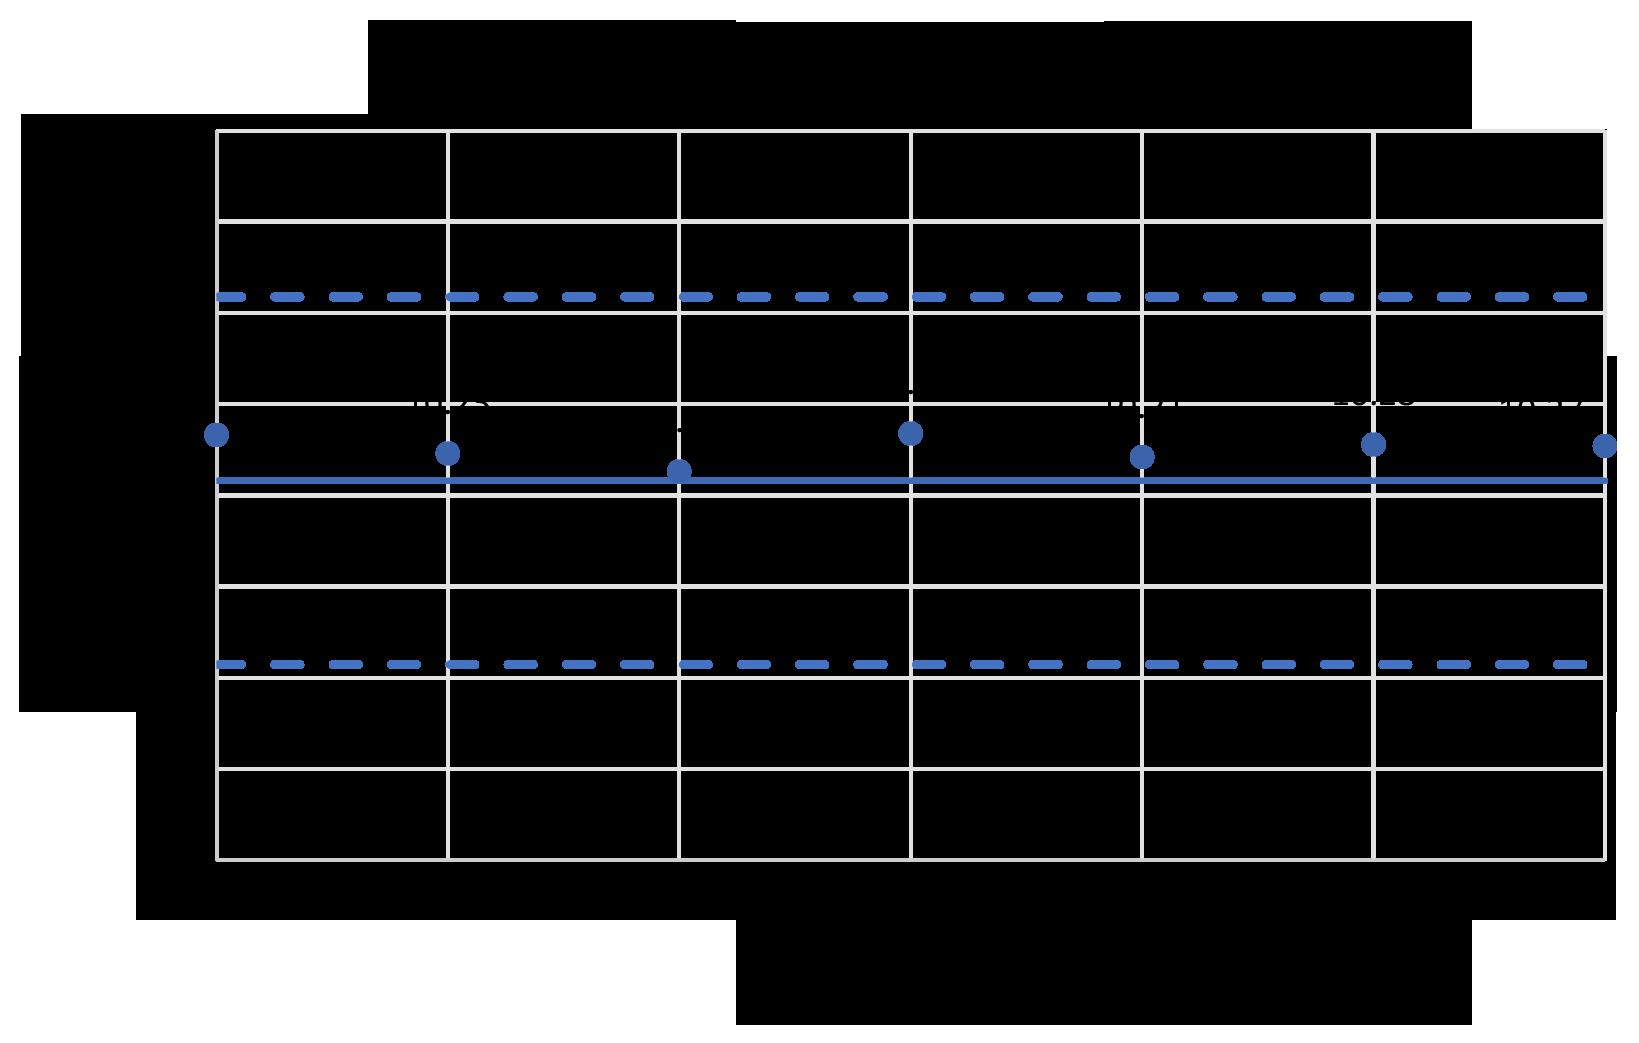 diámetro de esfera determinaciones de ejecución de evaluaciones vi-cell blu